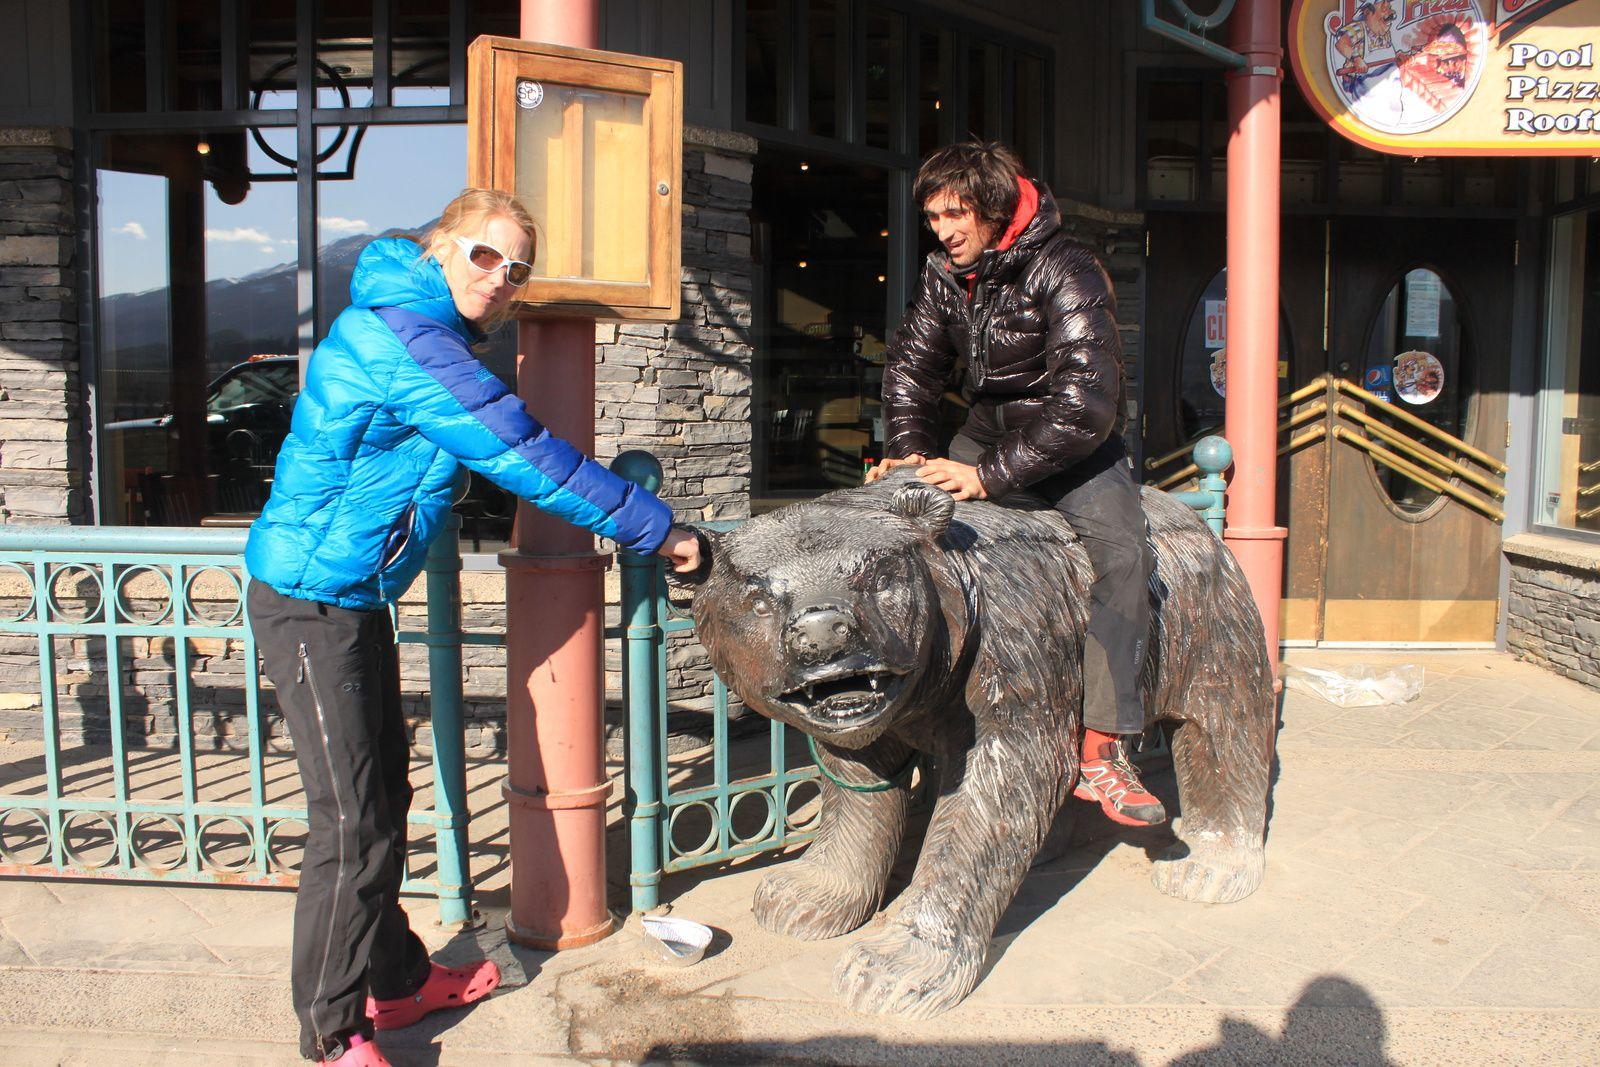 Matthieu tente de dompter l'ours.